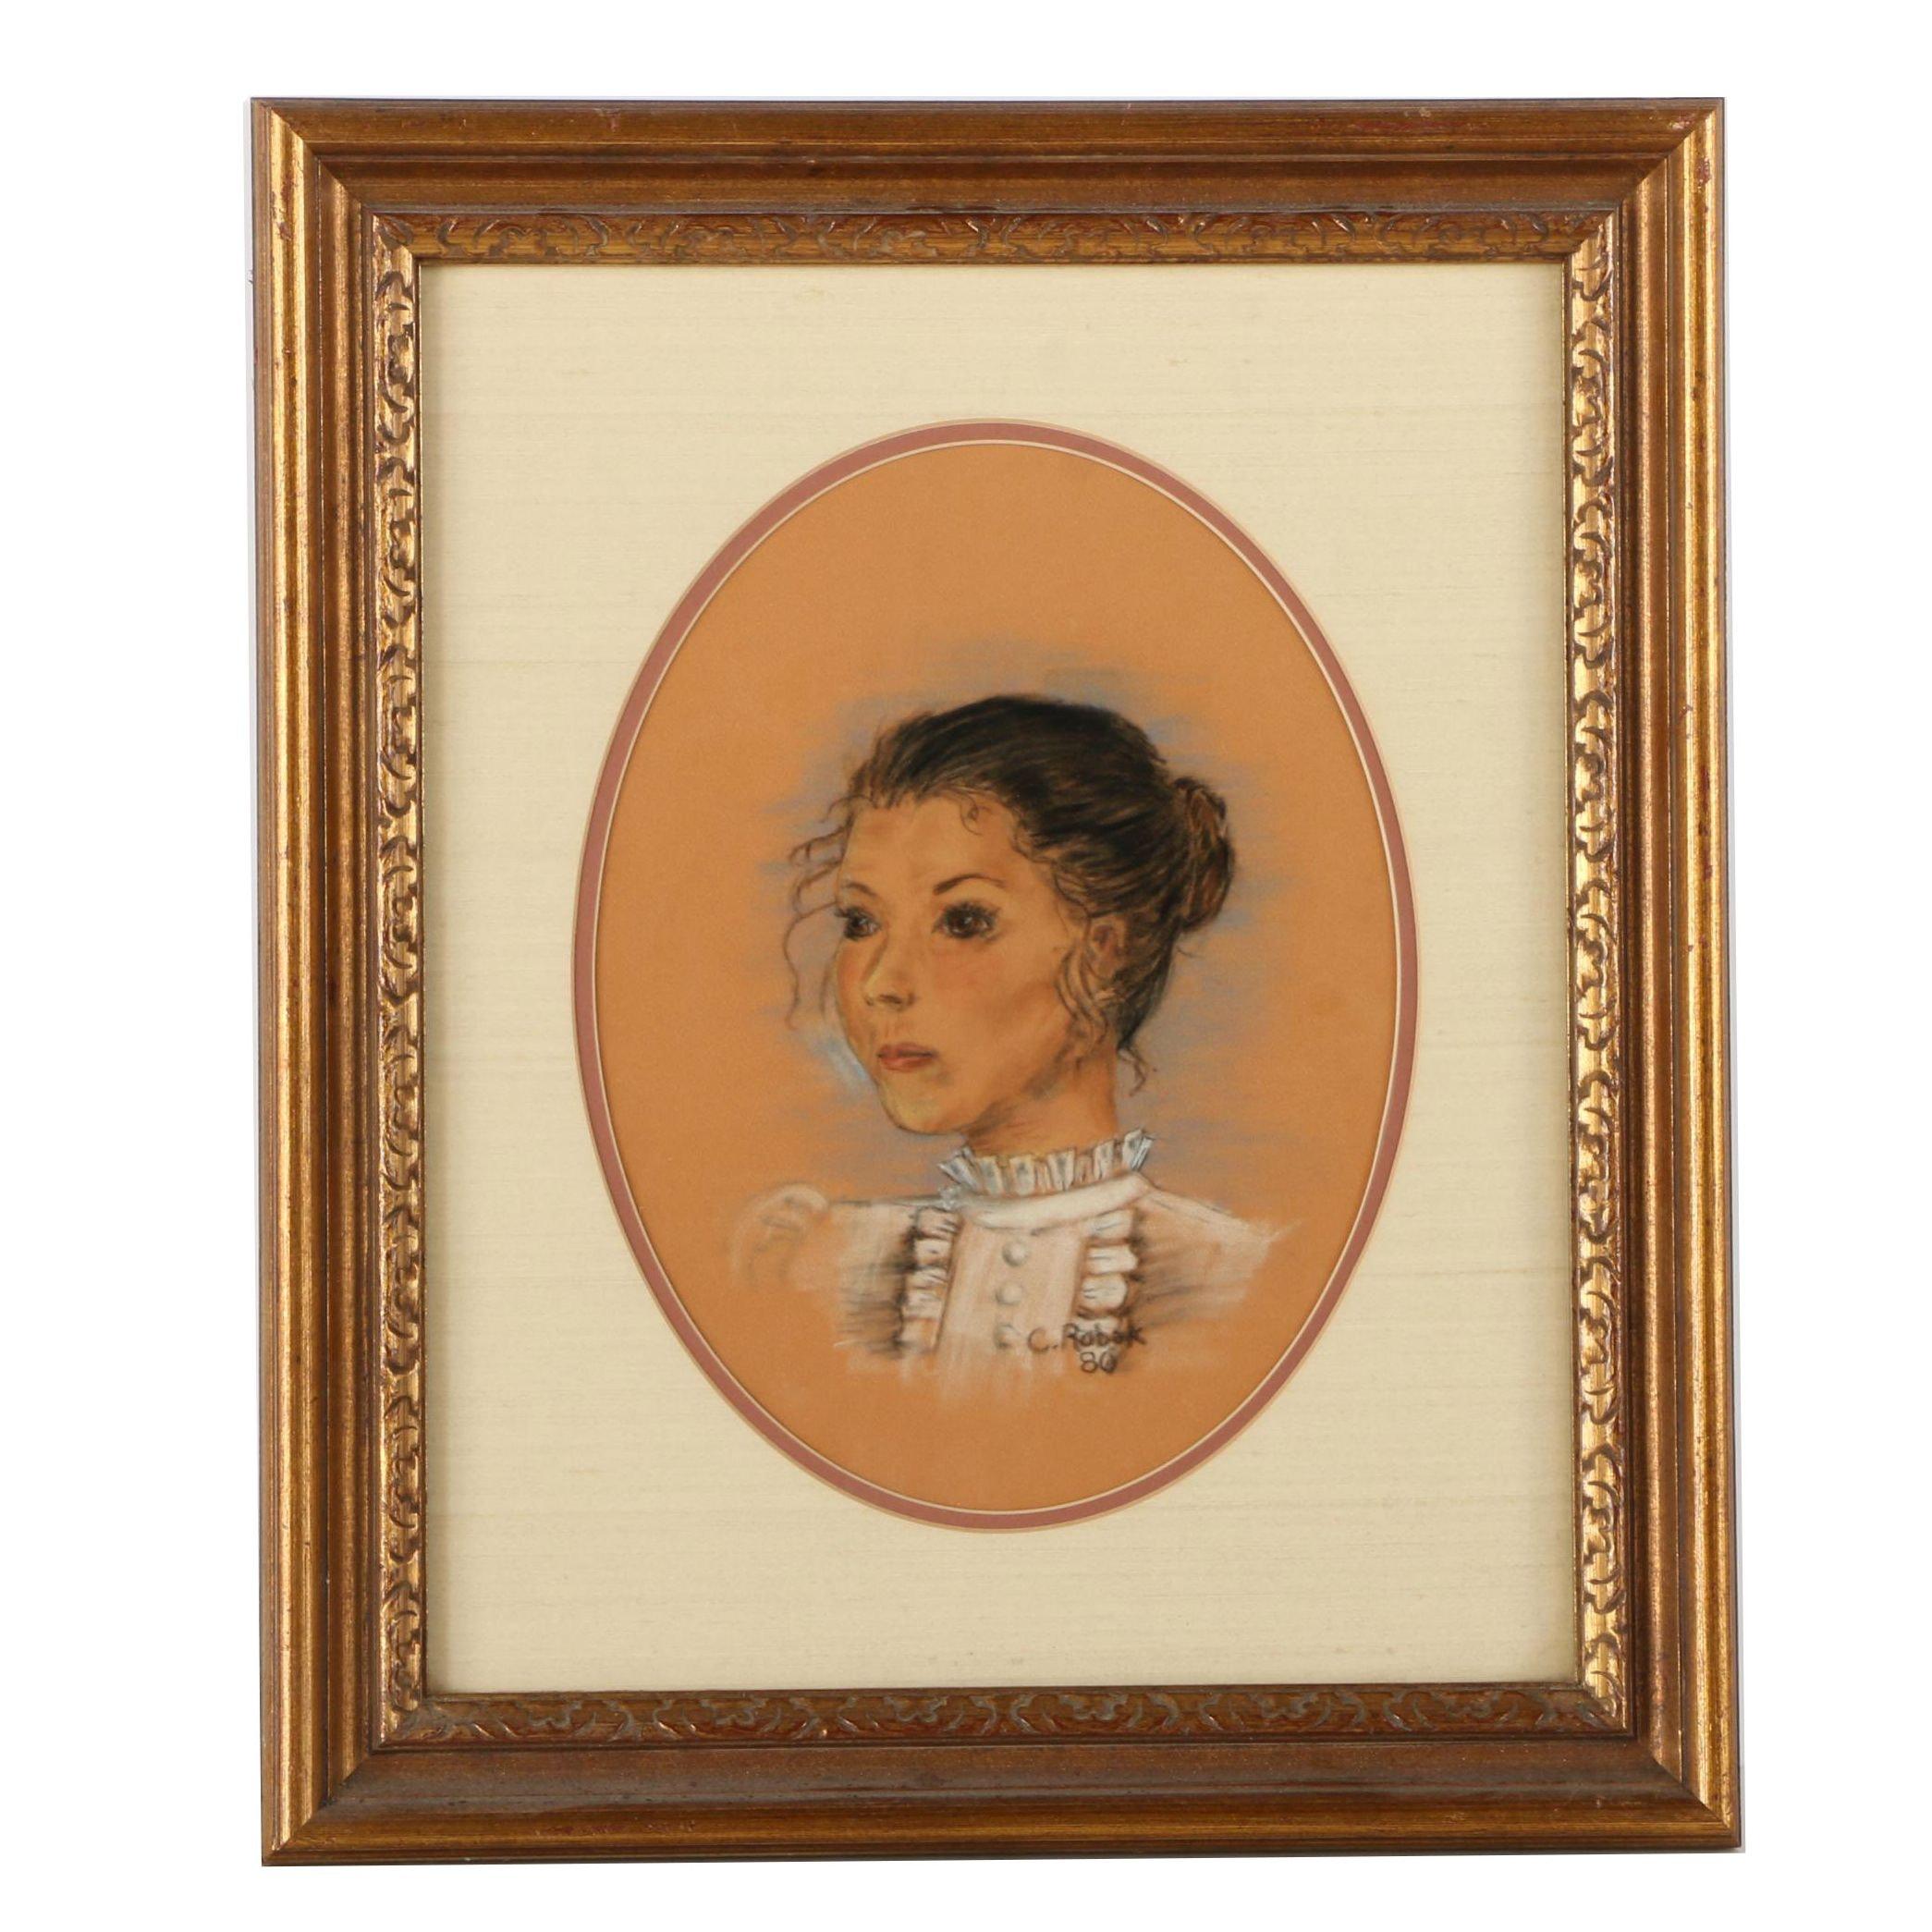 C. Robak Chalk Pastel Drawing of a Woman